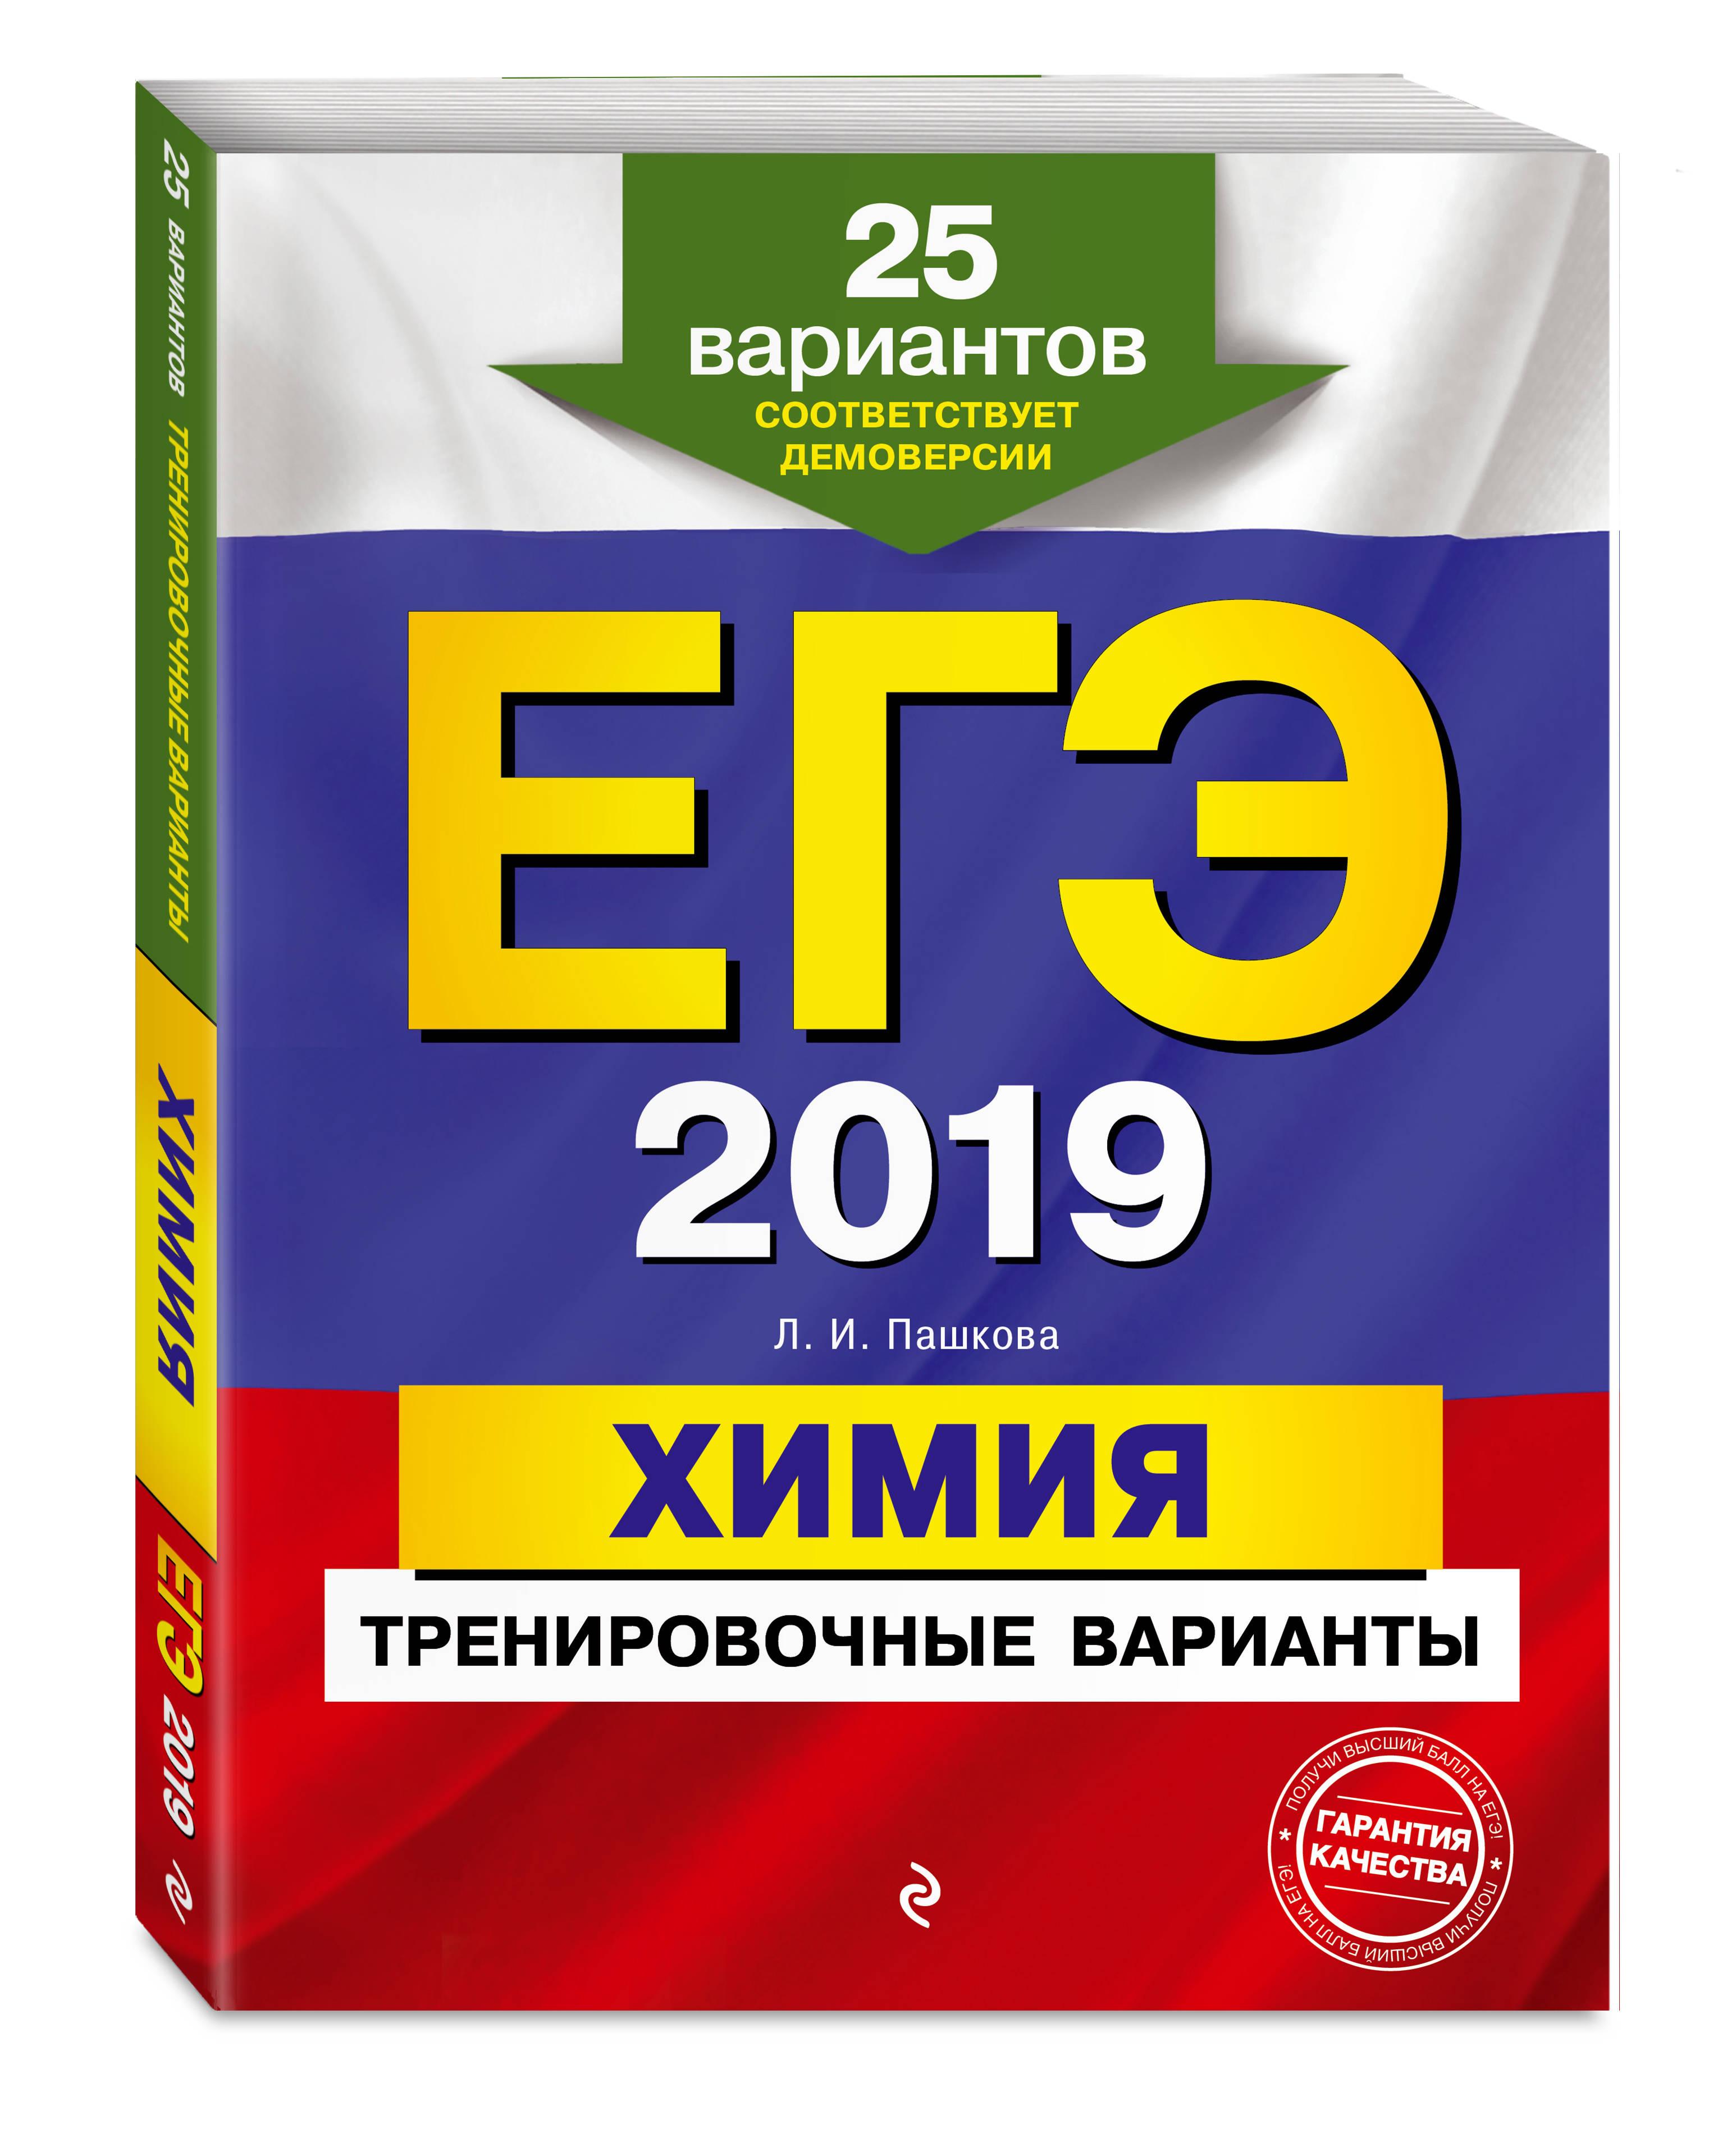 ЕГЭ-2019. Химия. Тренировочные варианты. 25 вариантов